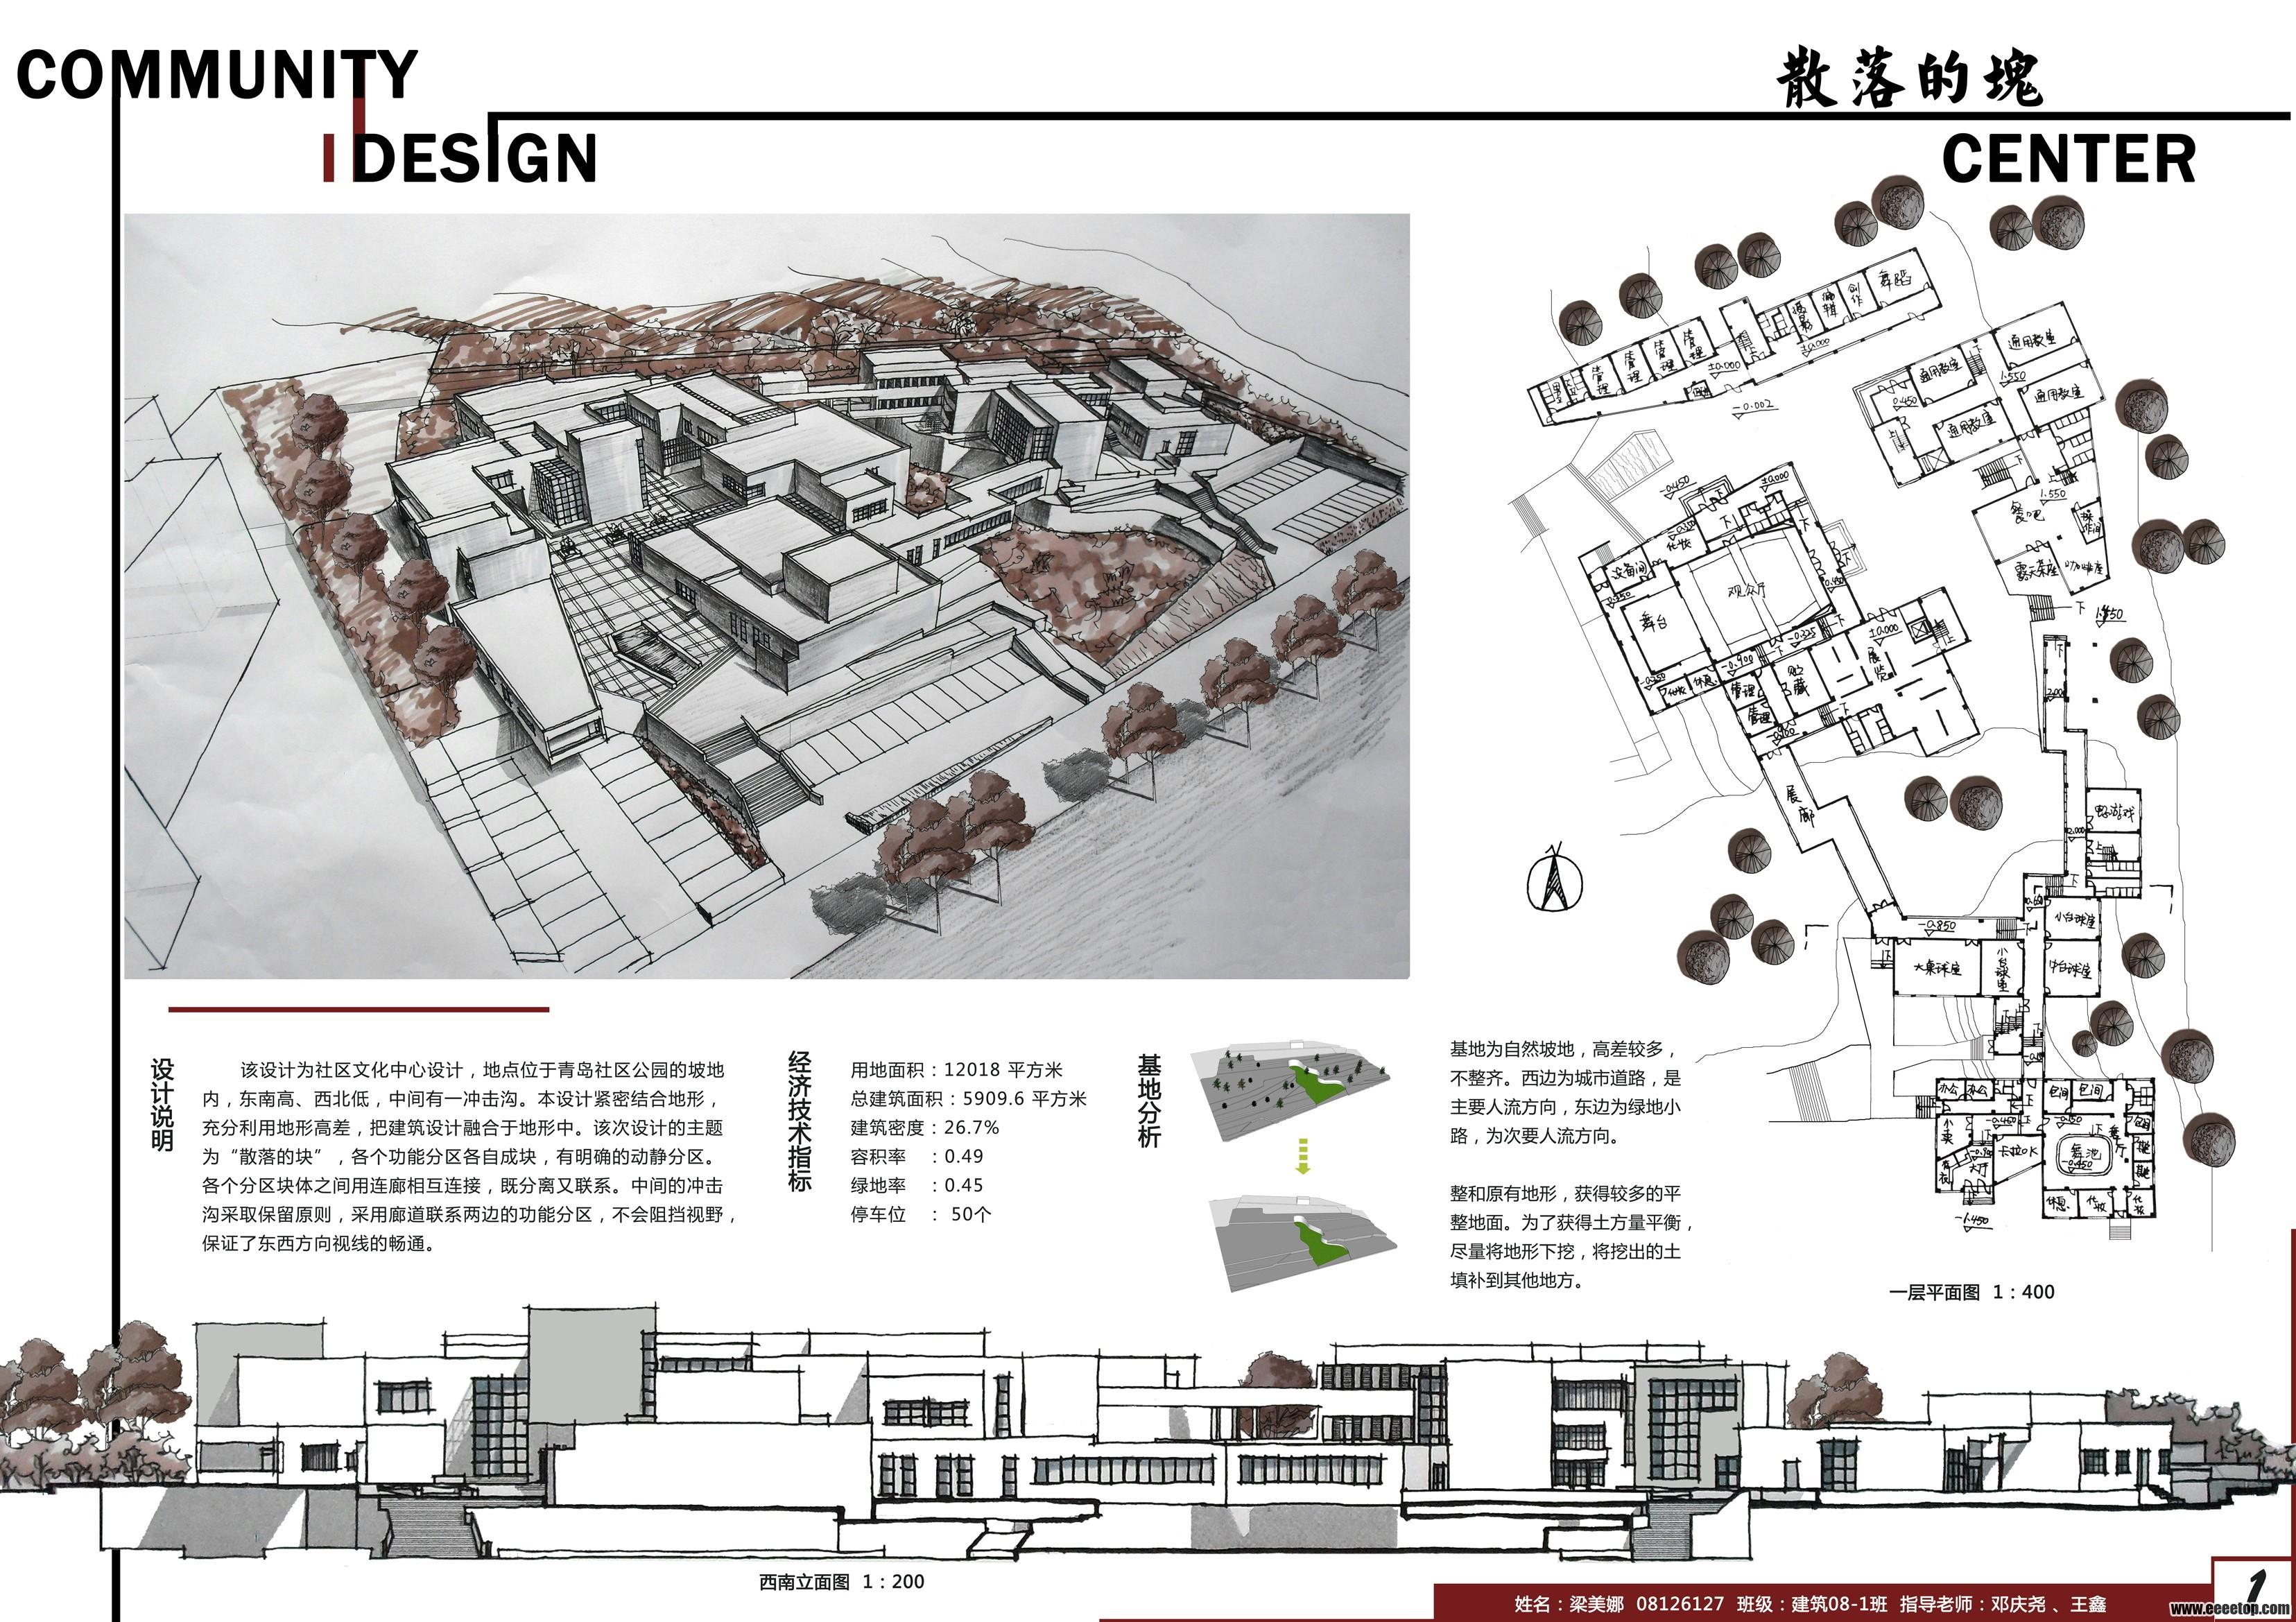 兩周的快題設計-社區活動中心